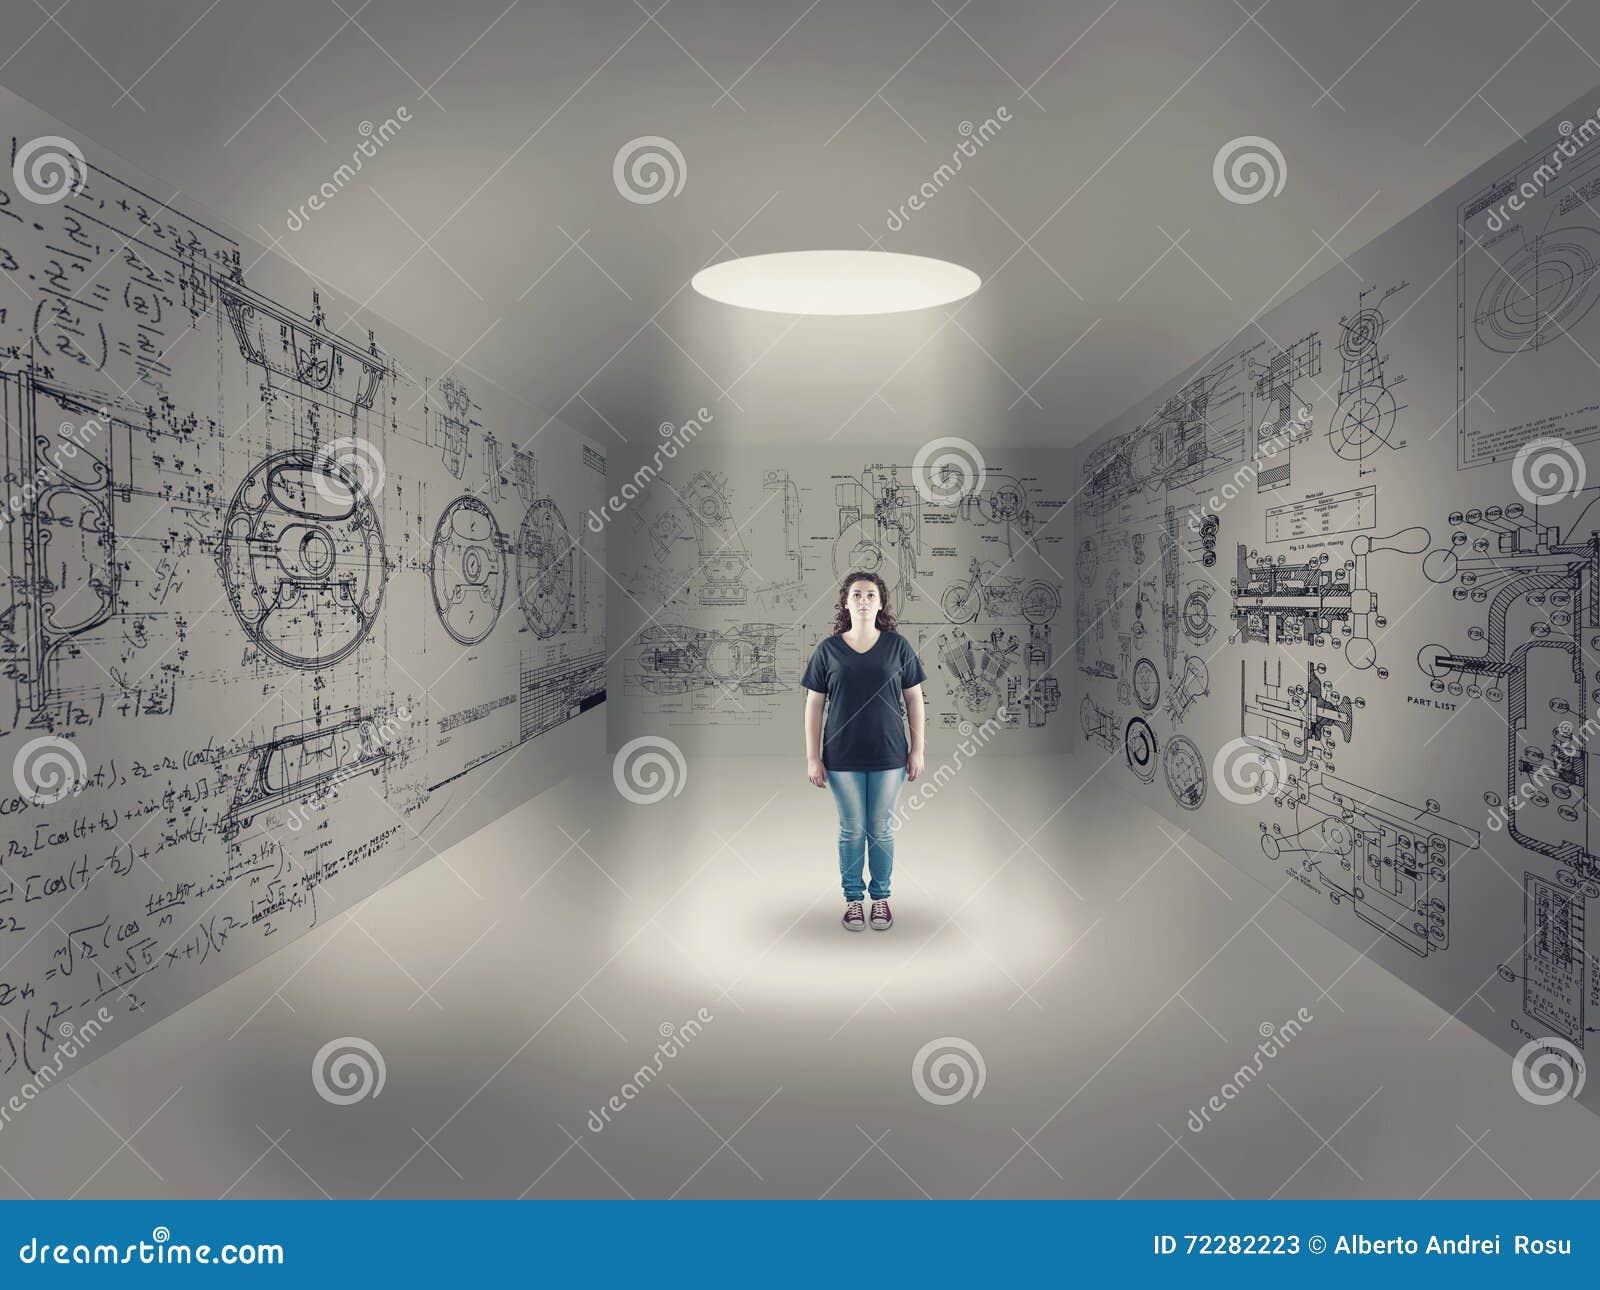 Download Маленькая девочка в центре комнаты Стоковое Изображение - изображение насчитывающей concept, вскользь: 72282223